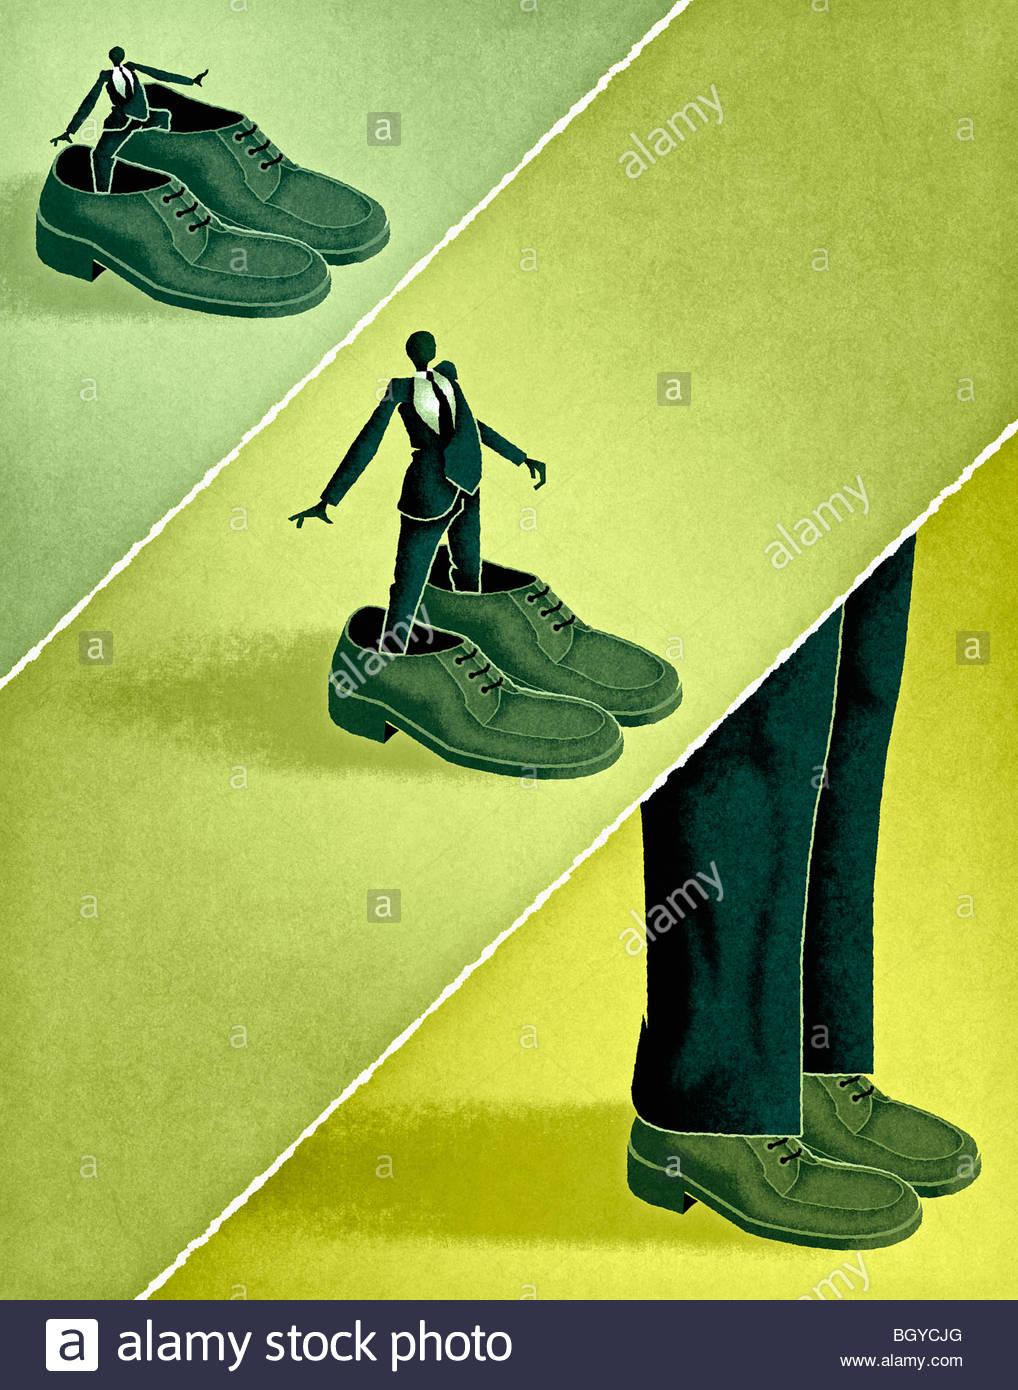 Imprenditori che indossa scarpe di grandi dimensioni Immagini Stock